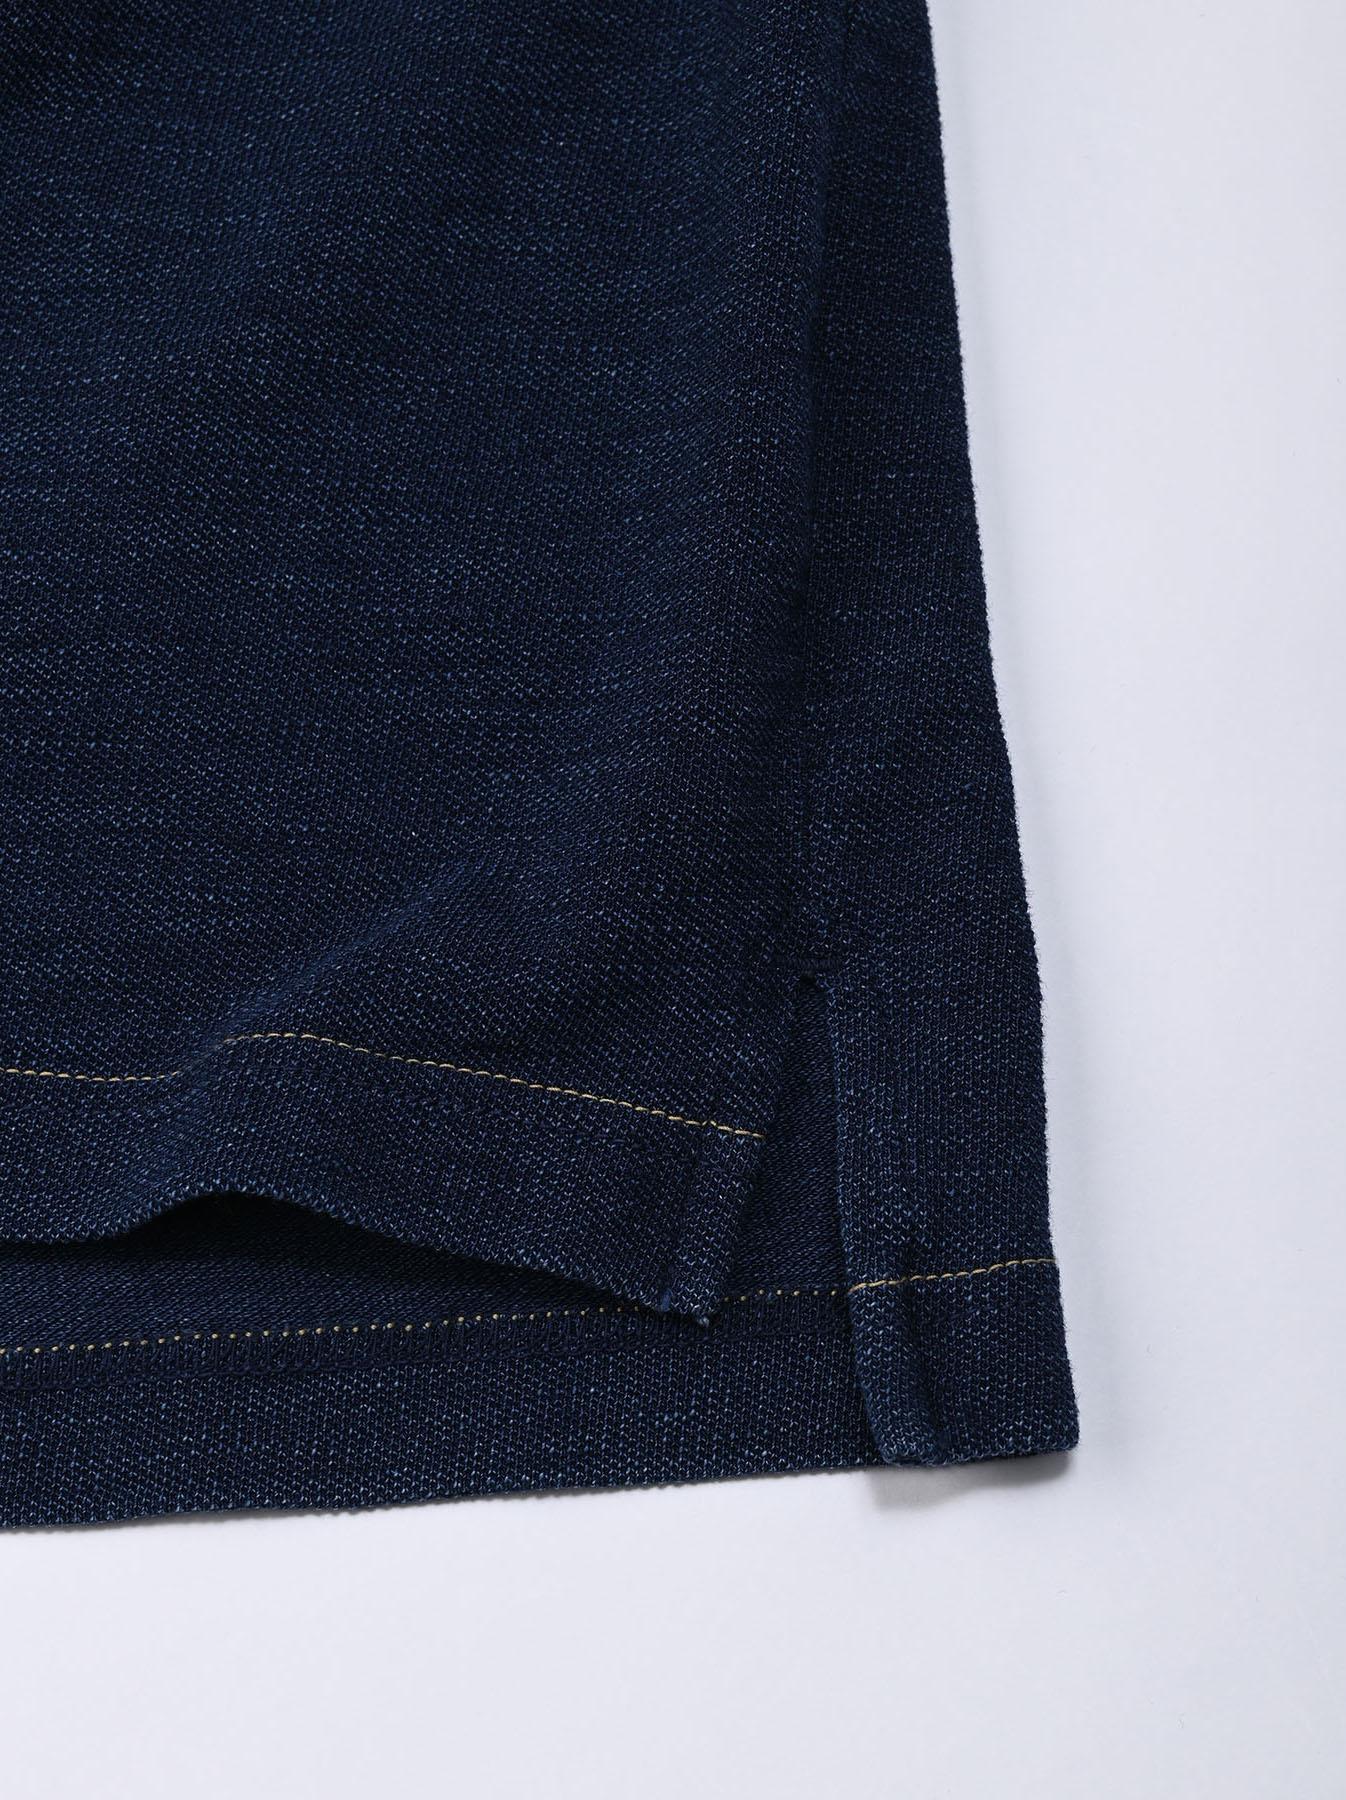 Indigo Kanoko Ocean Shiokaze Short-sleeved Polo Dress (0521)-9